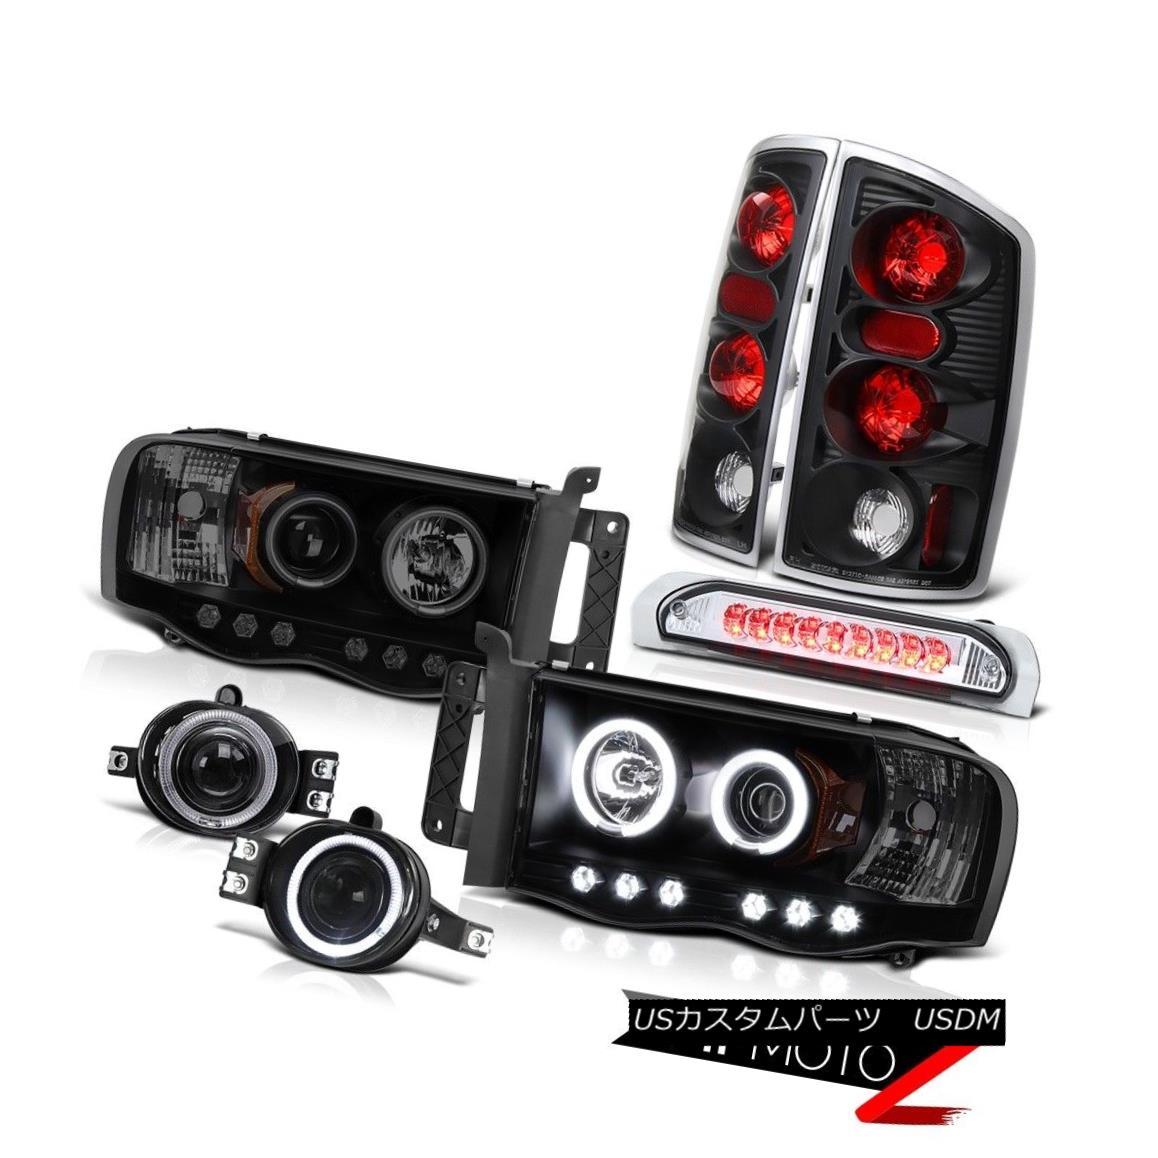 テールライト 02-05 Dodge Ram Hemi Dual CCFL Ring Headlight Rear 3rd Brake Taillamps Fog LED 02-05ダッジラムヘミデュアルCCFLリングヘッドライトリア第3ブレーキタイアンアンプフォグLED